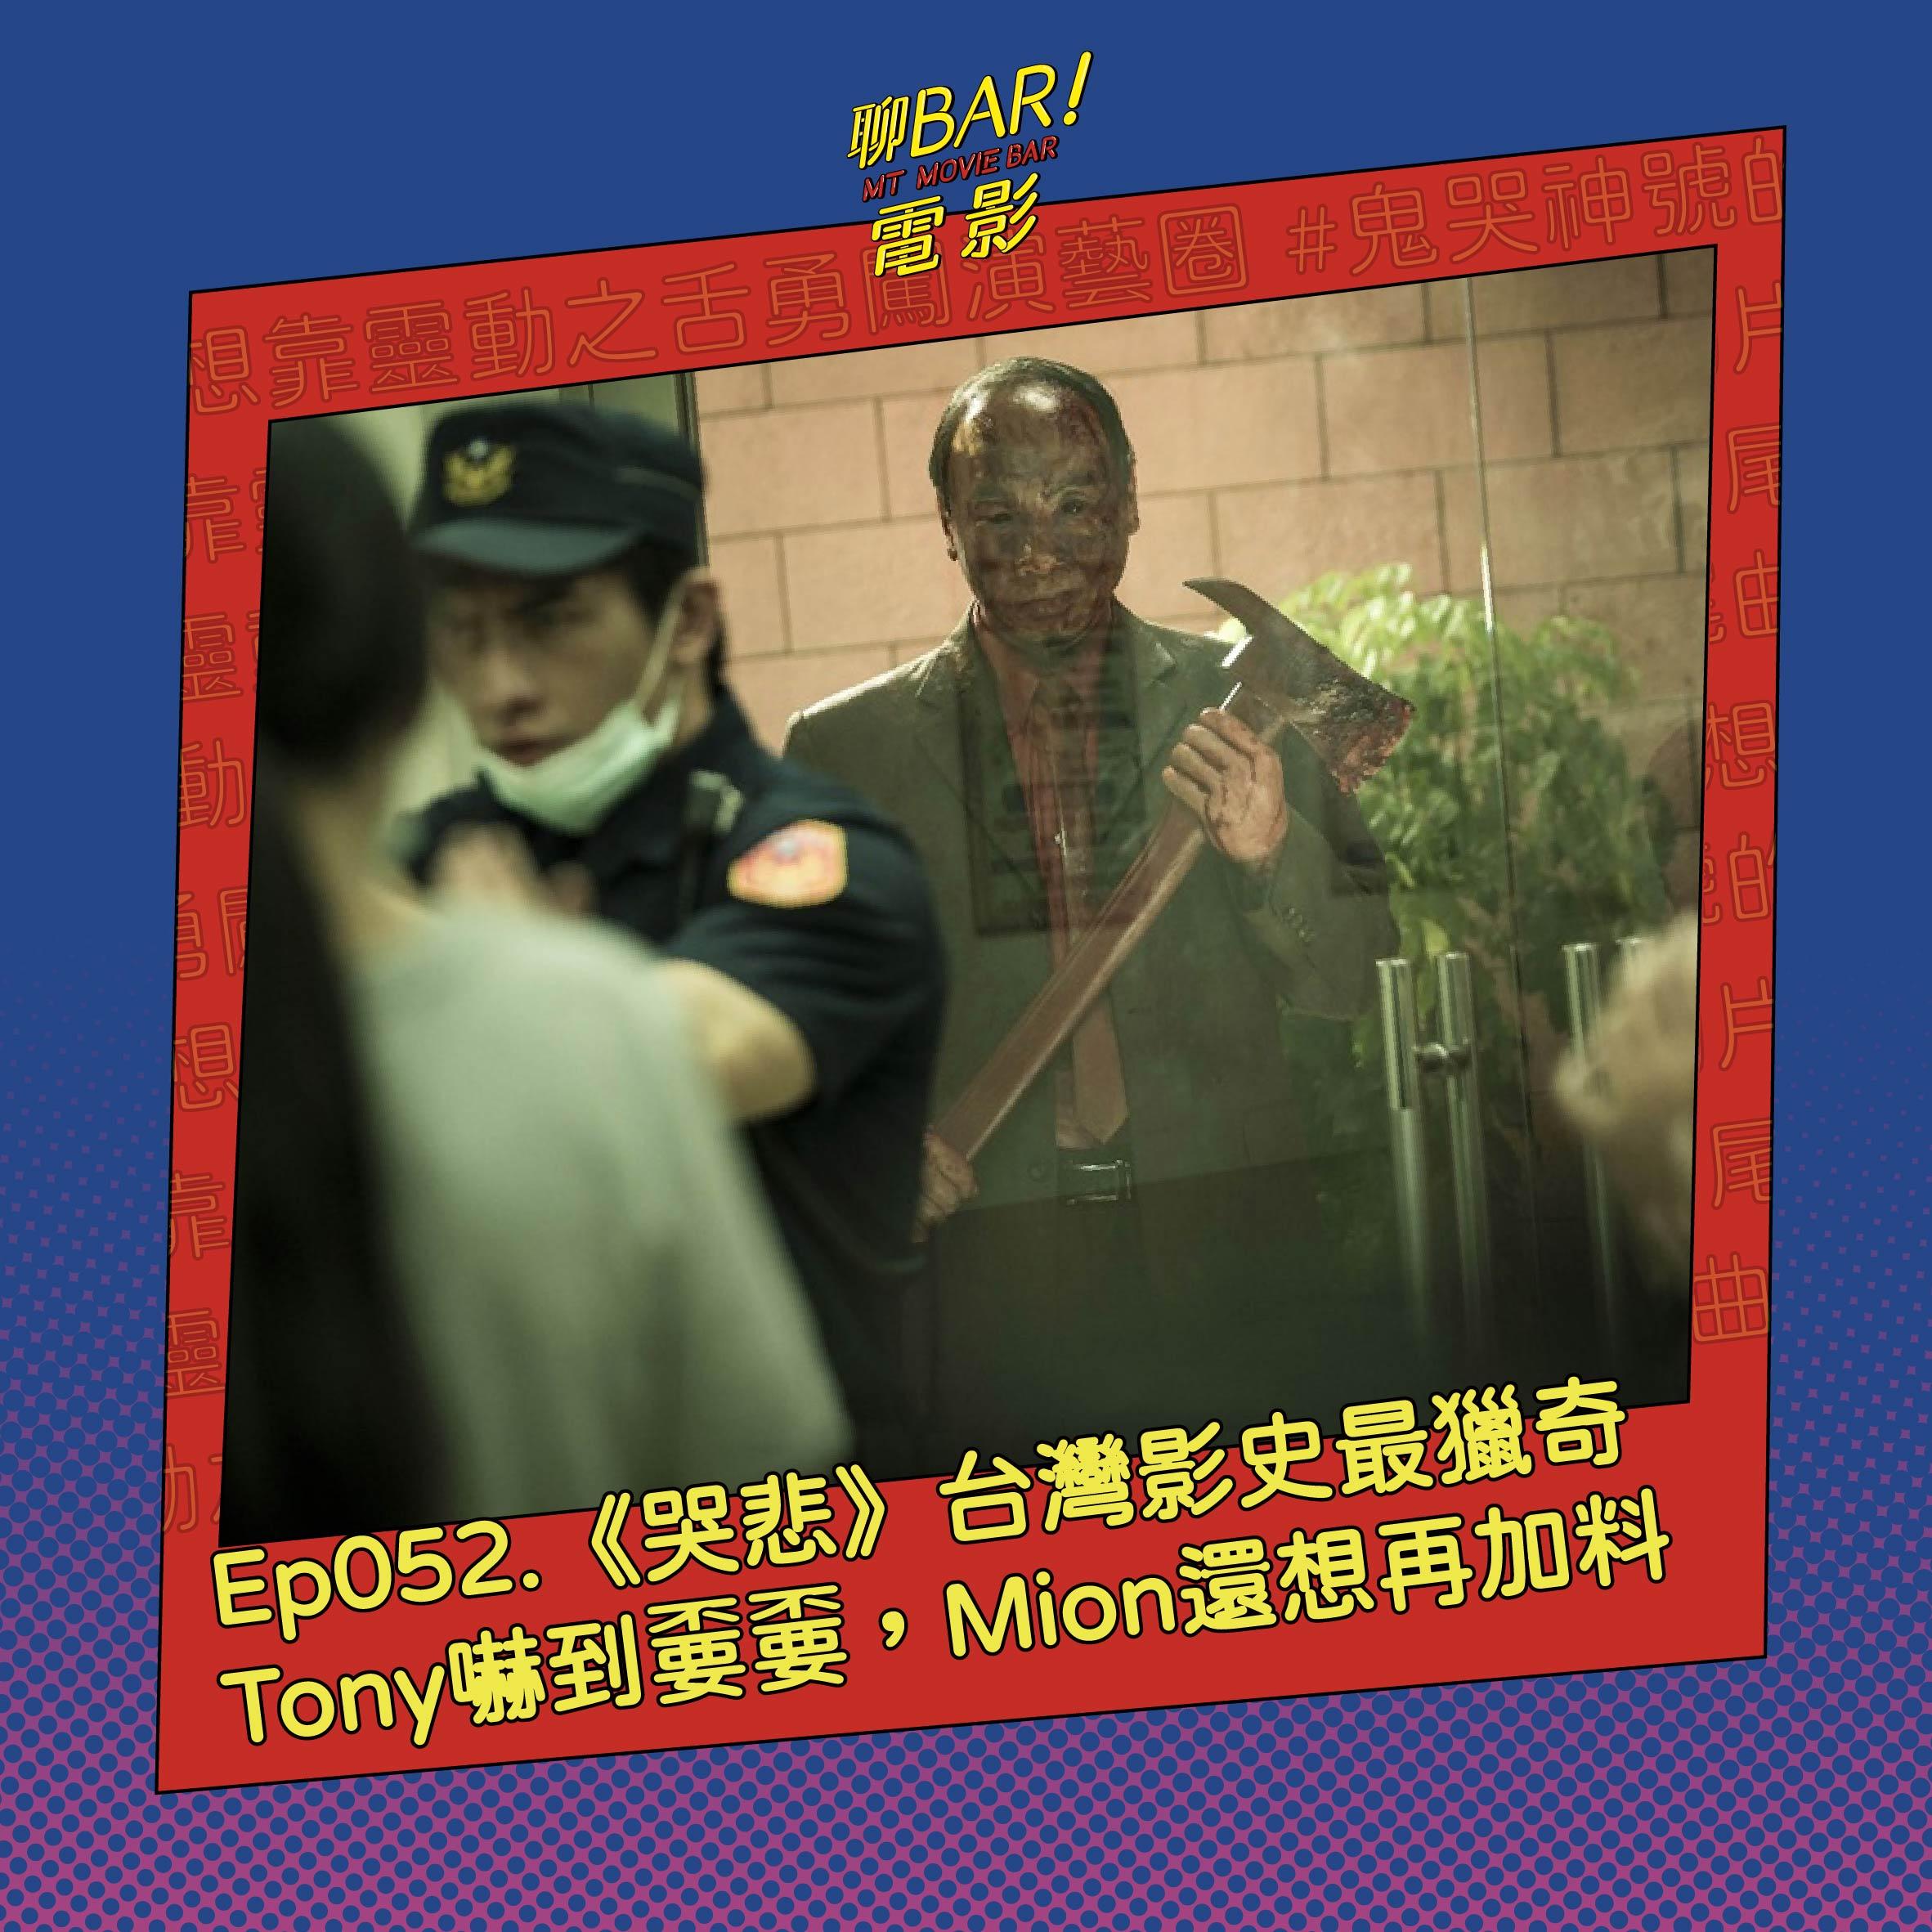 《哭悲》台灣影史最獵奇!Tony嚇到嫑嫑,Mion還想再加料【聊院線:ep. 052 】